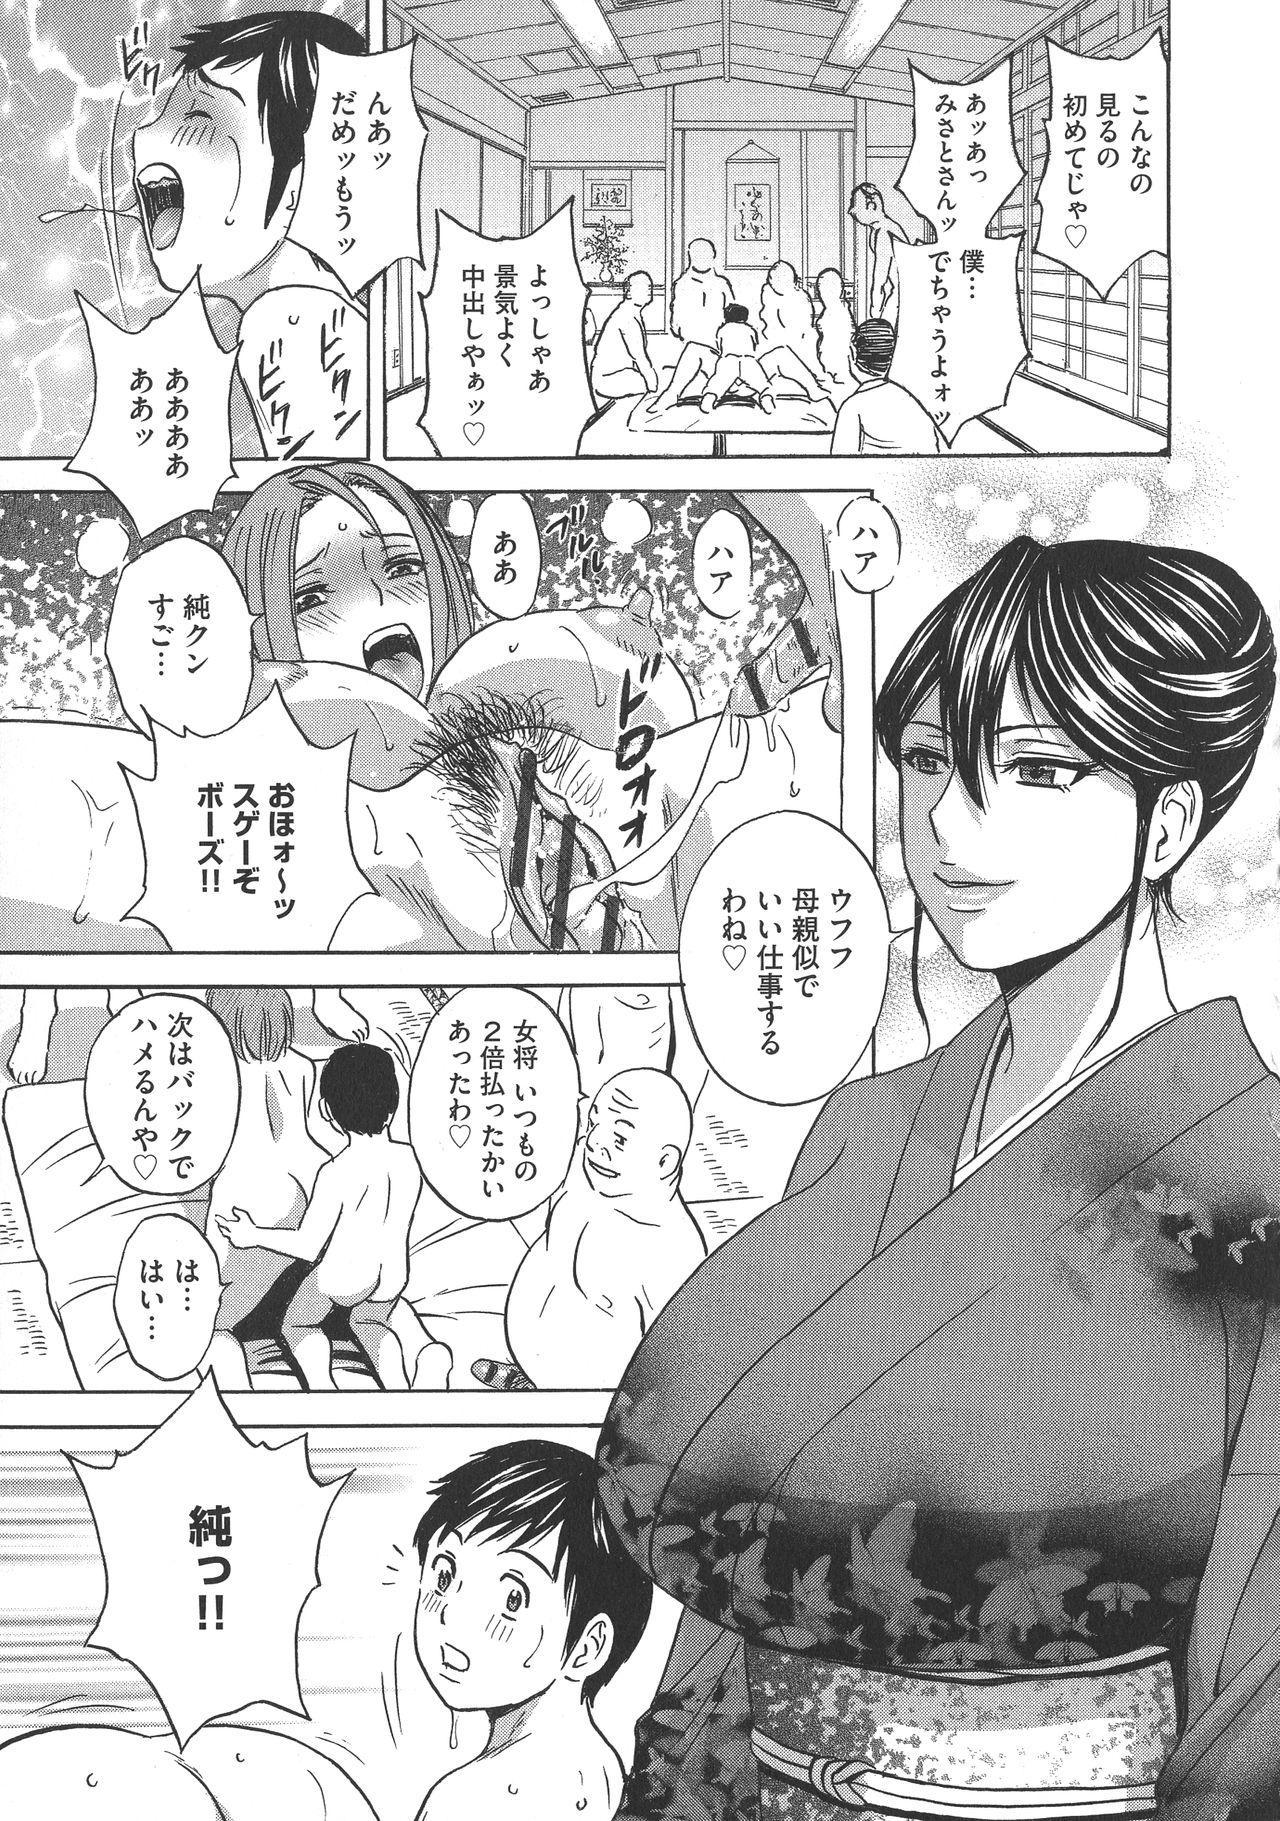 Chijoku ni Modaeru Haha no Chichi… 156